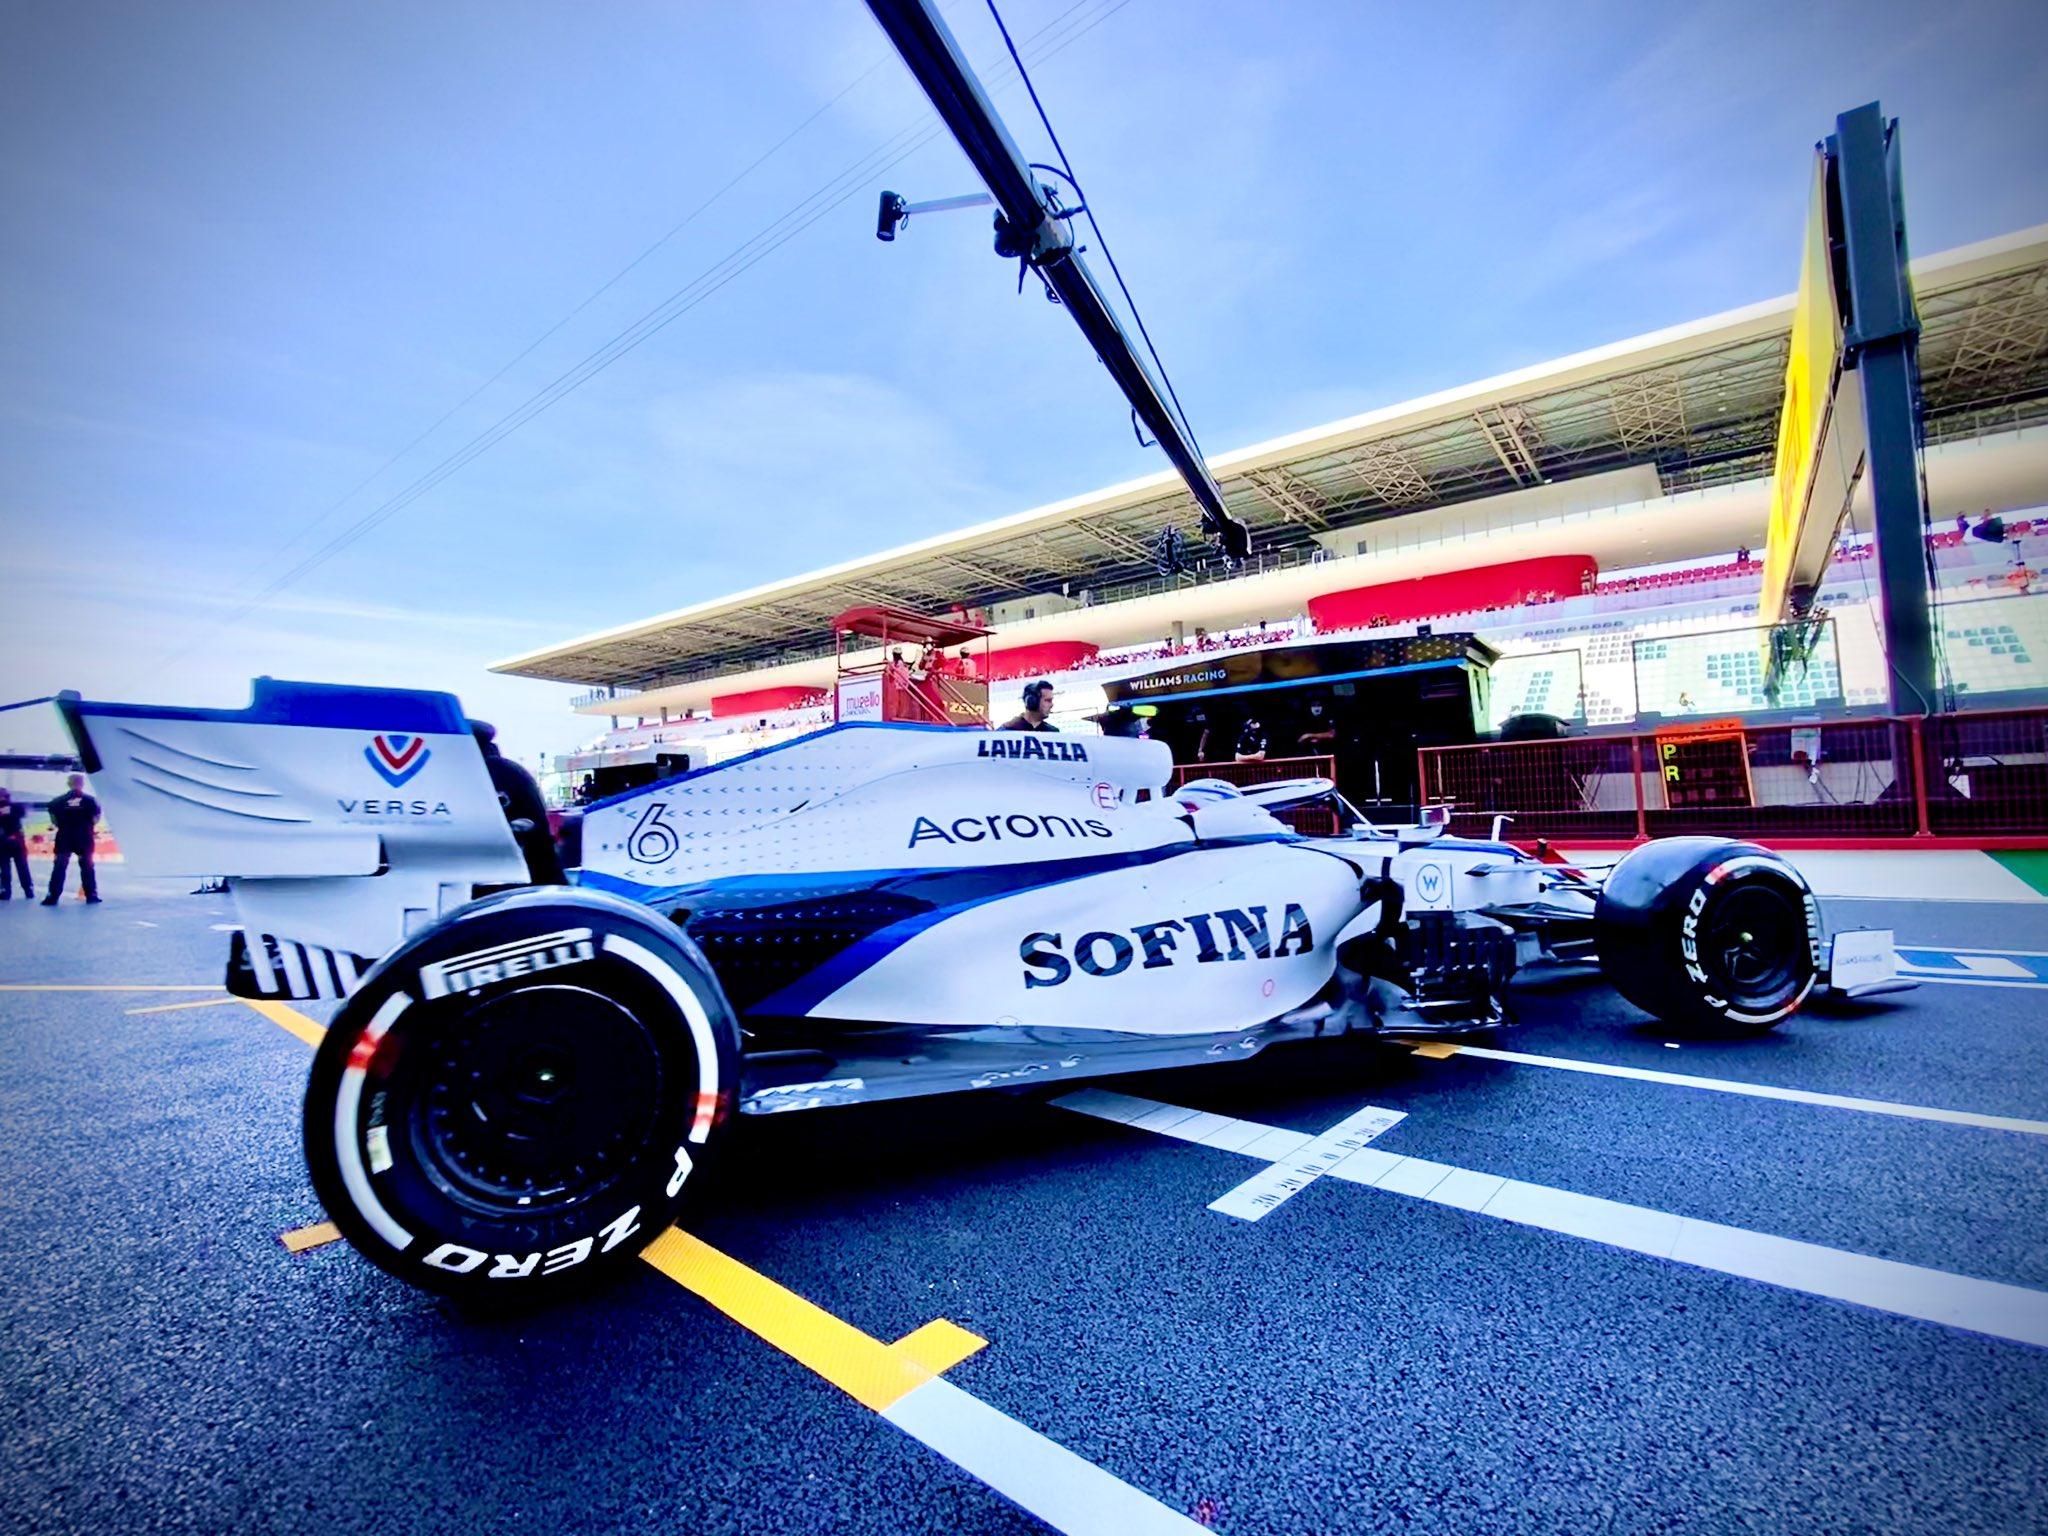 Officiel : L'équipe Williams à l'amende au GP de Toscane 1